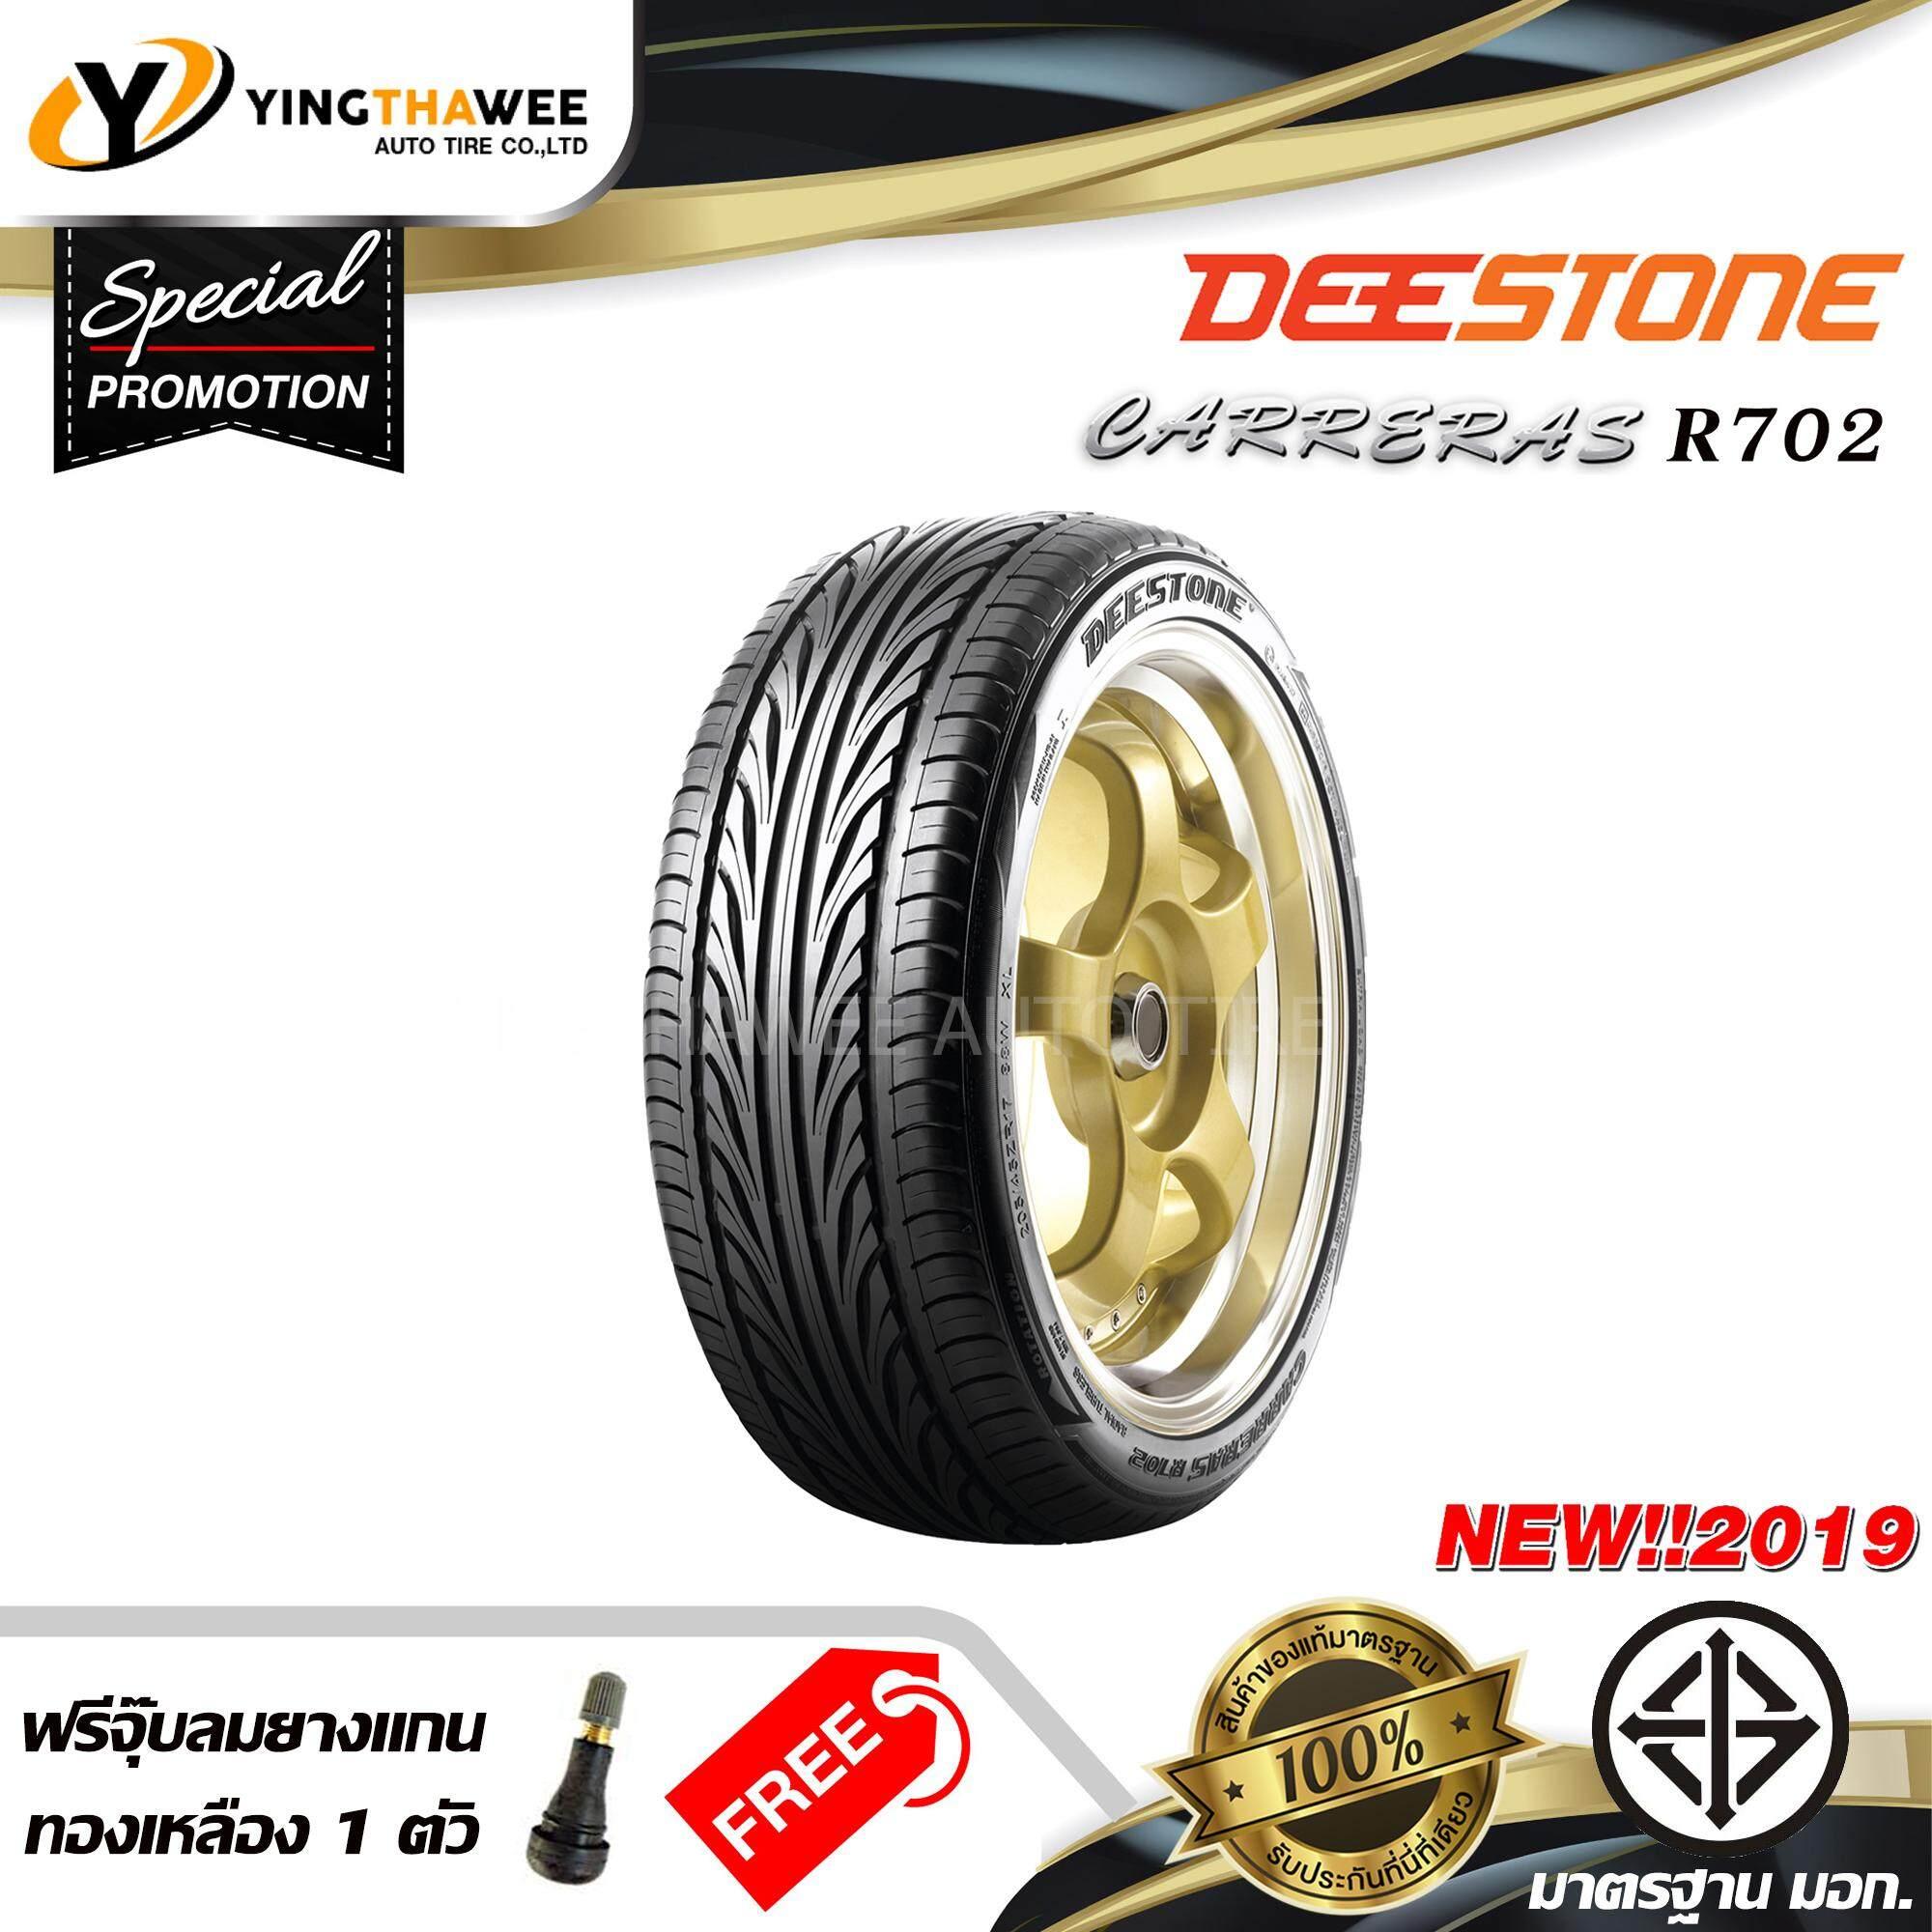 สุโขทัย DEESTONE ยางรถยนต์ 245/35R20 รุ่น Carreras R702  1 เส้น (ปี 2019) แถมจุ๊บลมยางแกนทองเหลือง 1 ตัว